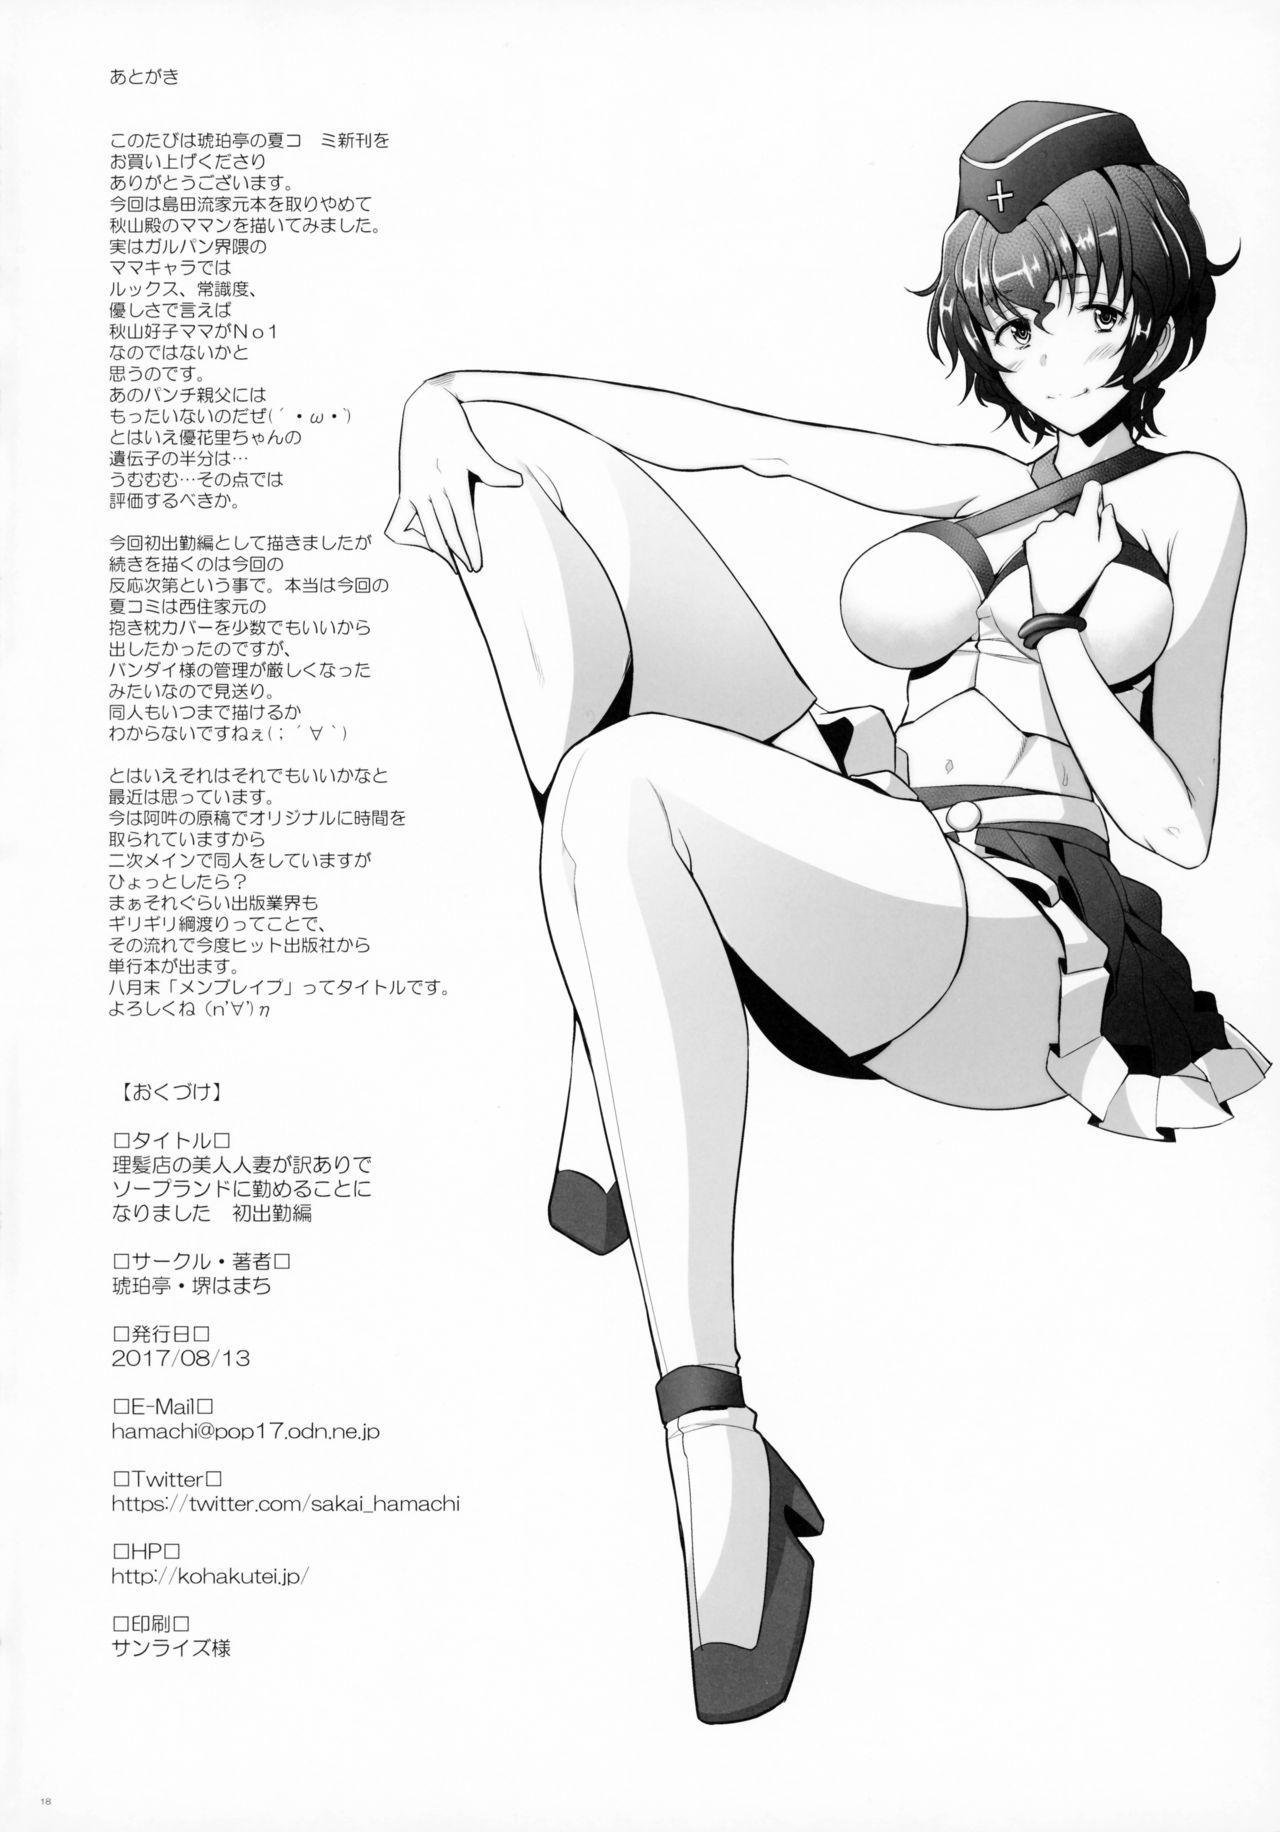 Rihatsuten no Bijin Hitozuma ga Wakeari de Soapland ni Tsutomeru Koto ni Narimashita Hatsushukkin Hen 16